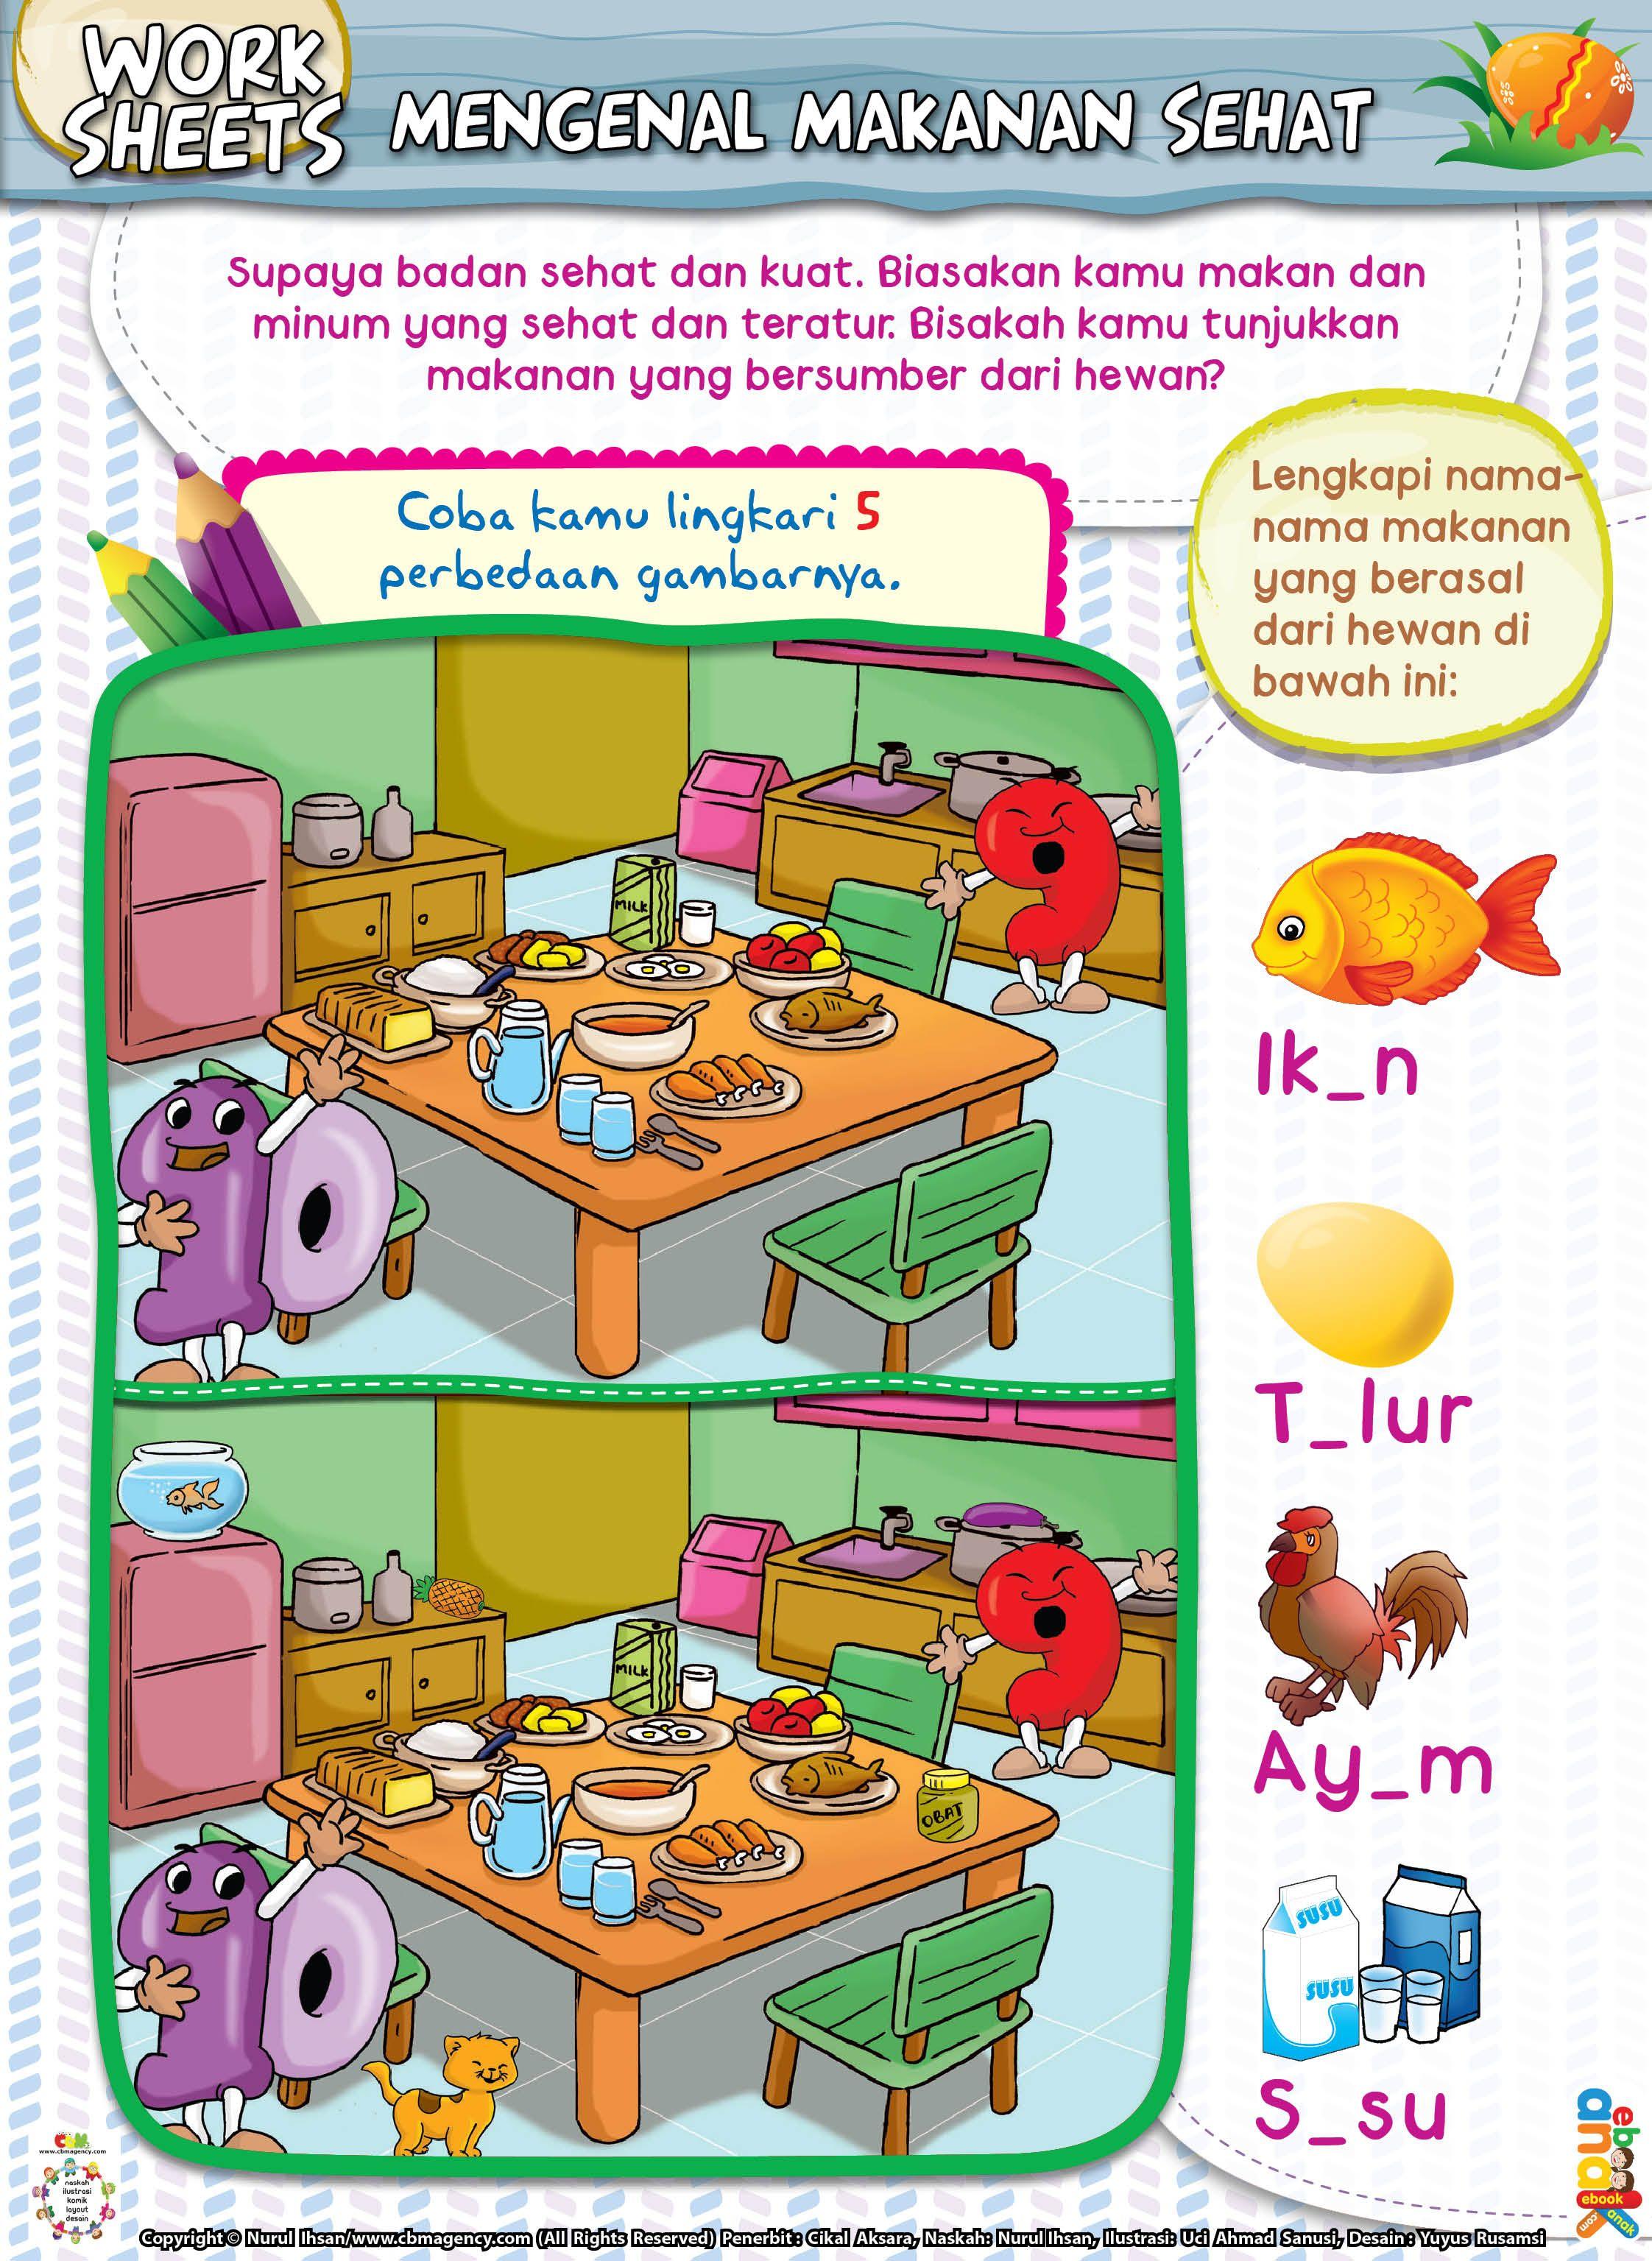 Mengenal Makanan Sehat